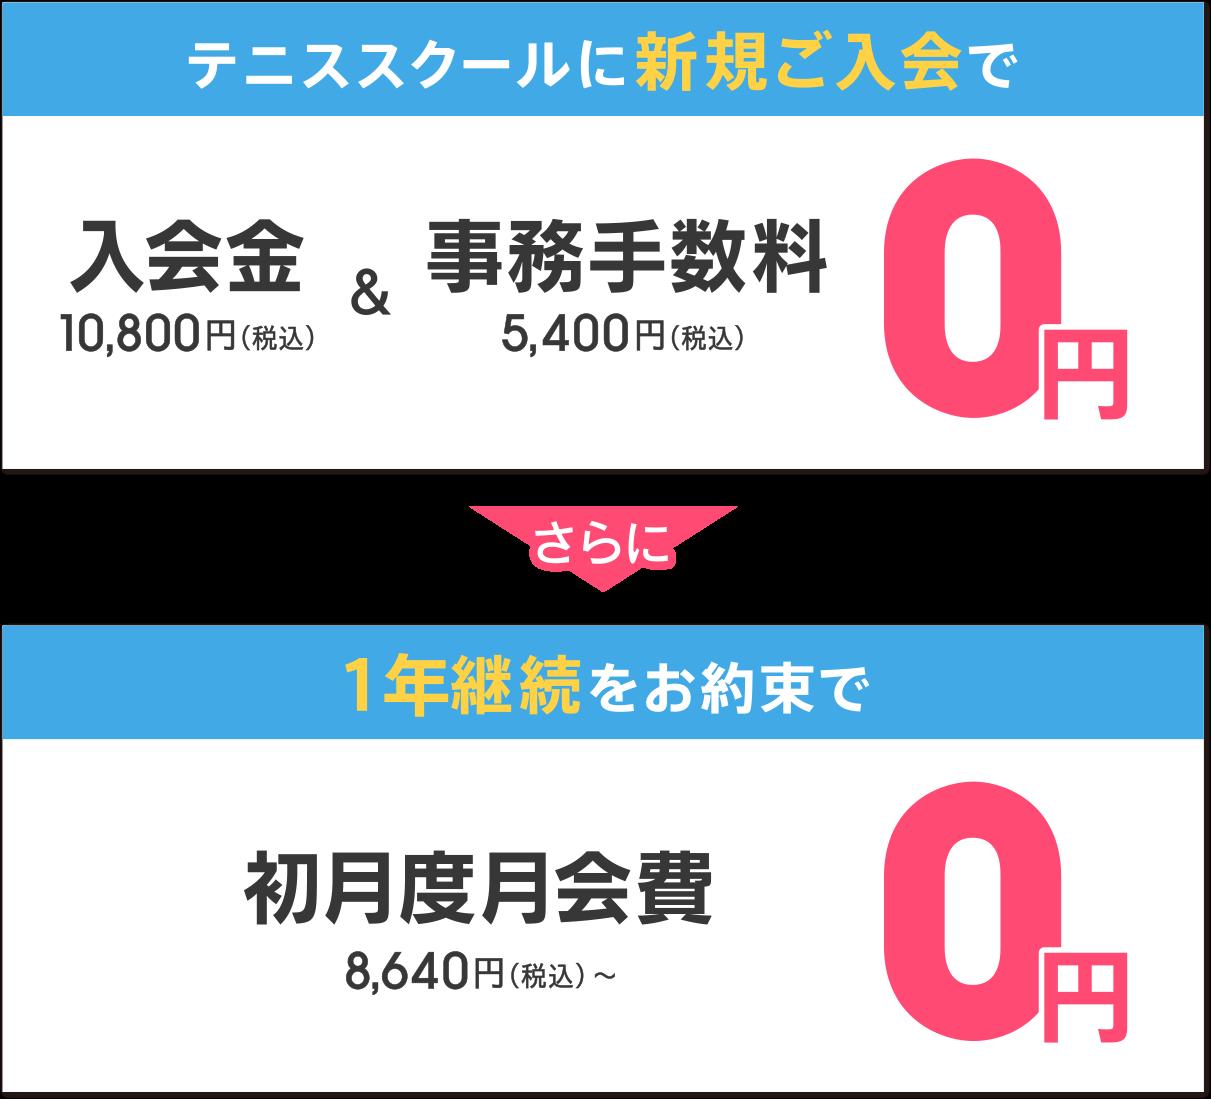 201905-campaign-02